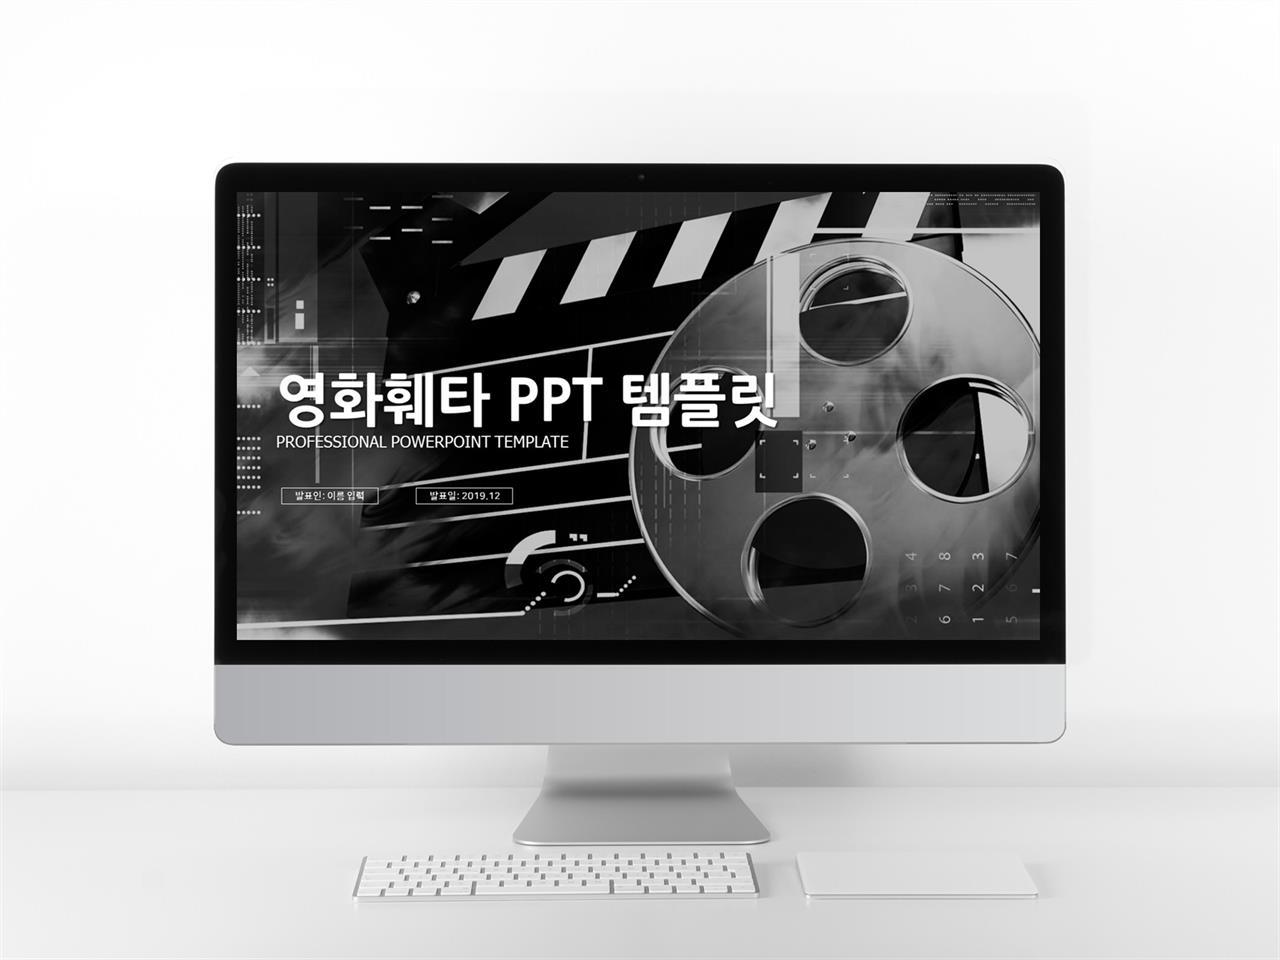 음악미디어 검정색 다크한 멋진 PPT서식 다운로드 미리보기